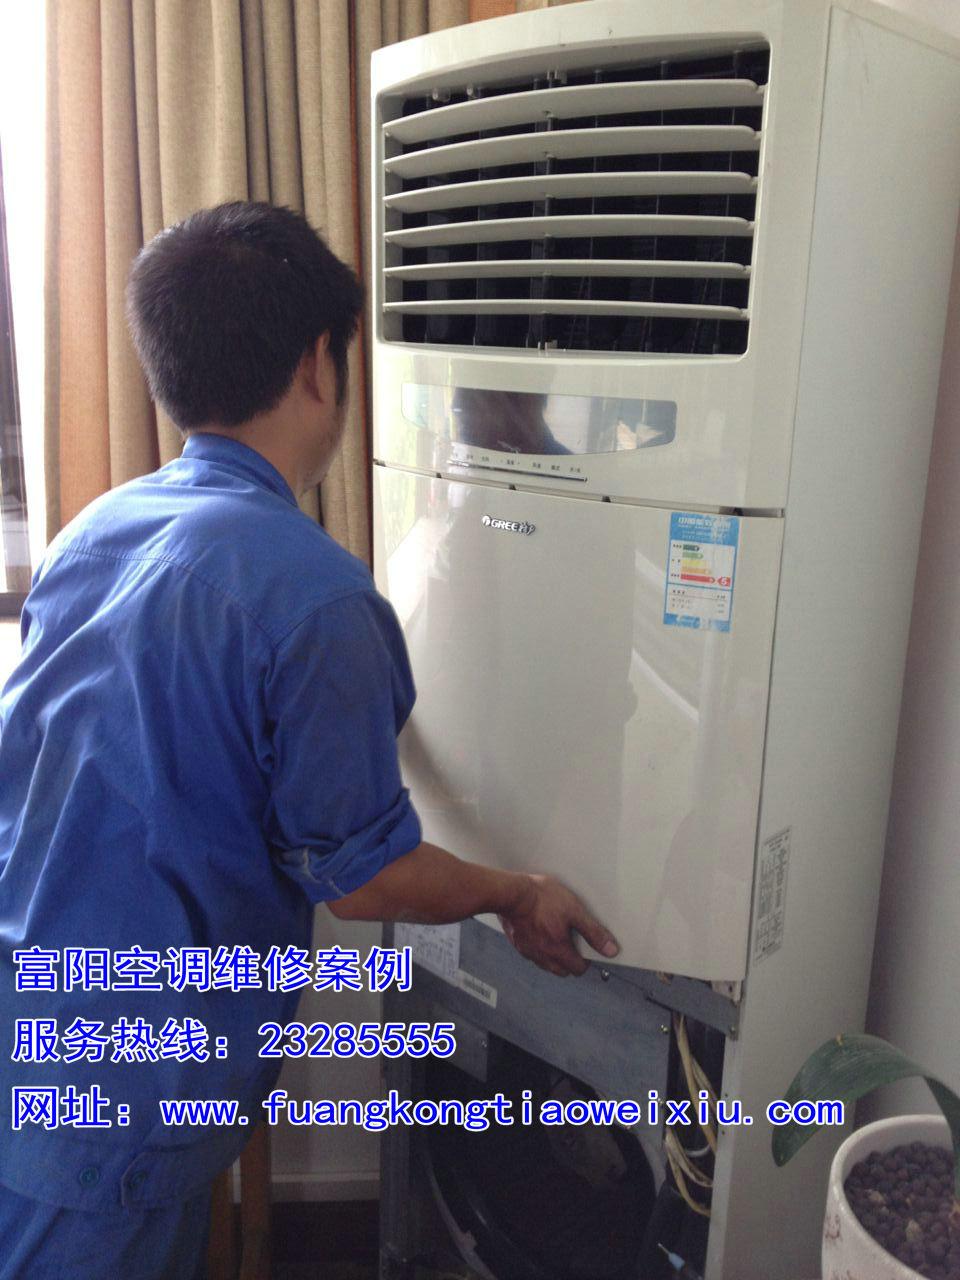 松下空调柜机怎么拆洗图解